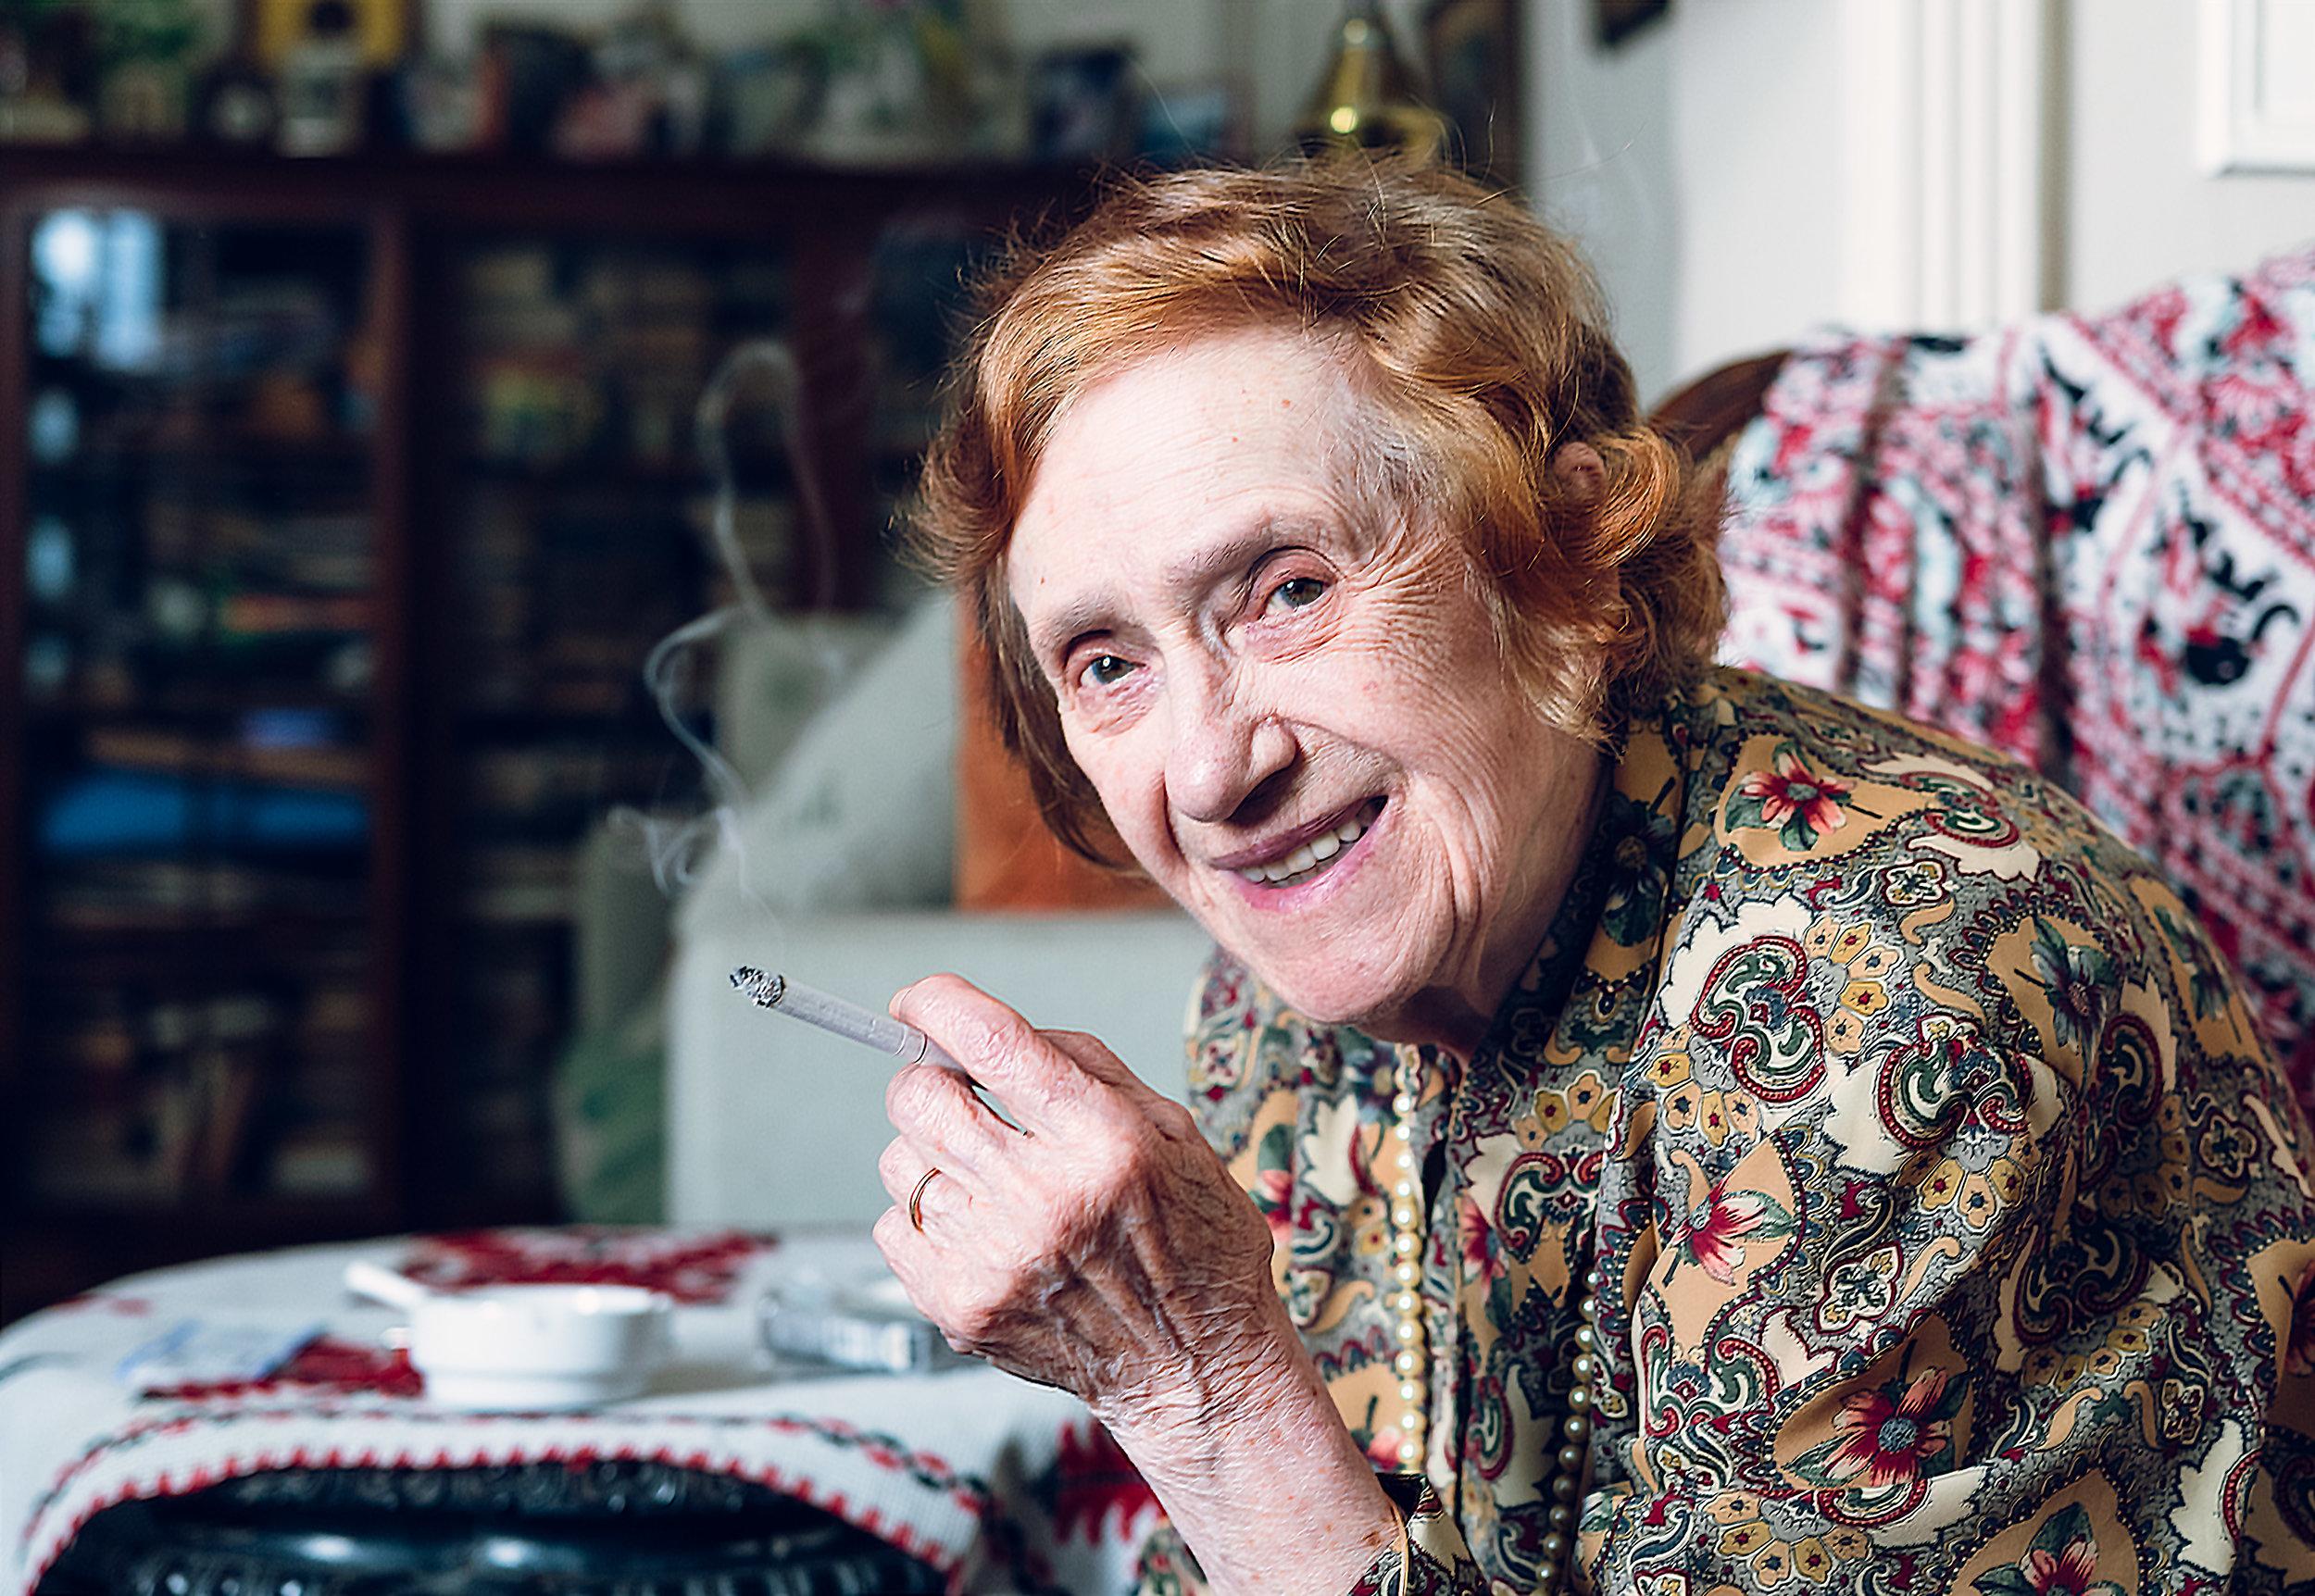 Todavía viviendo la vida al máximo en sus noventa. Ella ha disfrutado de un filete con sus parientes y fuma un cigeratte para cerrar la tarde. Nacido en Montenegro. Ha vivido su vida en París después de la Segunda Guerra Mundial, vivió en Chicago hasta que un fuego quemó abajo de la fábrica ella y su marido trabajaron, regresó a Montenegro y ahora está jubilada en Argentina. La mayoría de sus familiares todavía viven en Montenegro y ella ha sobrevivido a su marido ya sus hermanos menores. En sus días más agradables, está rodeada de familia - Una sobrina que visita bimestralmente a Sao Paulo, sobrino y su esposo, y aquí me recibió en su familia con una hermosa sonrisa.